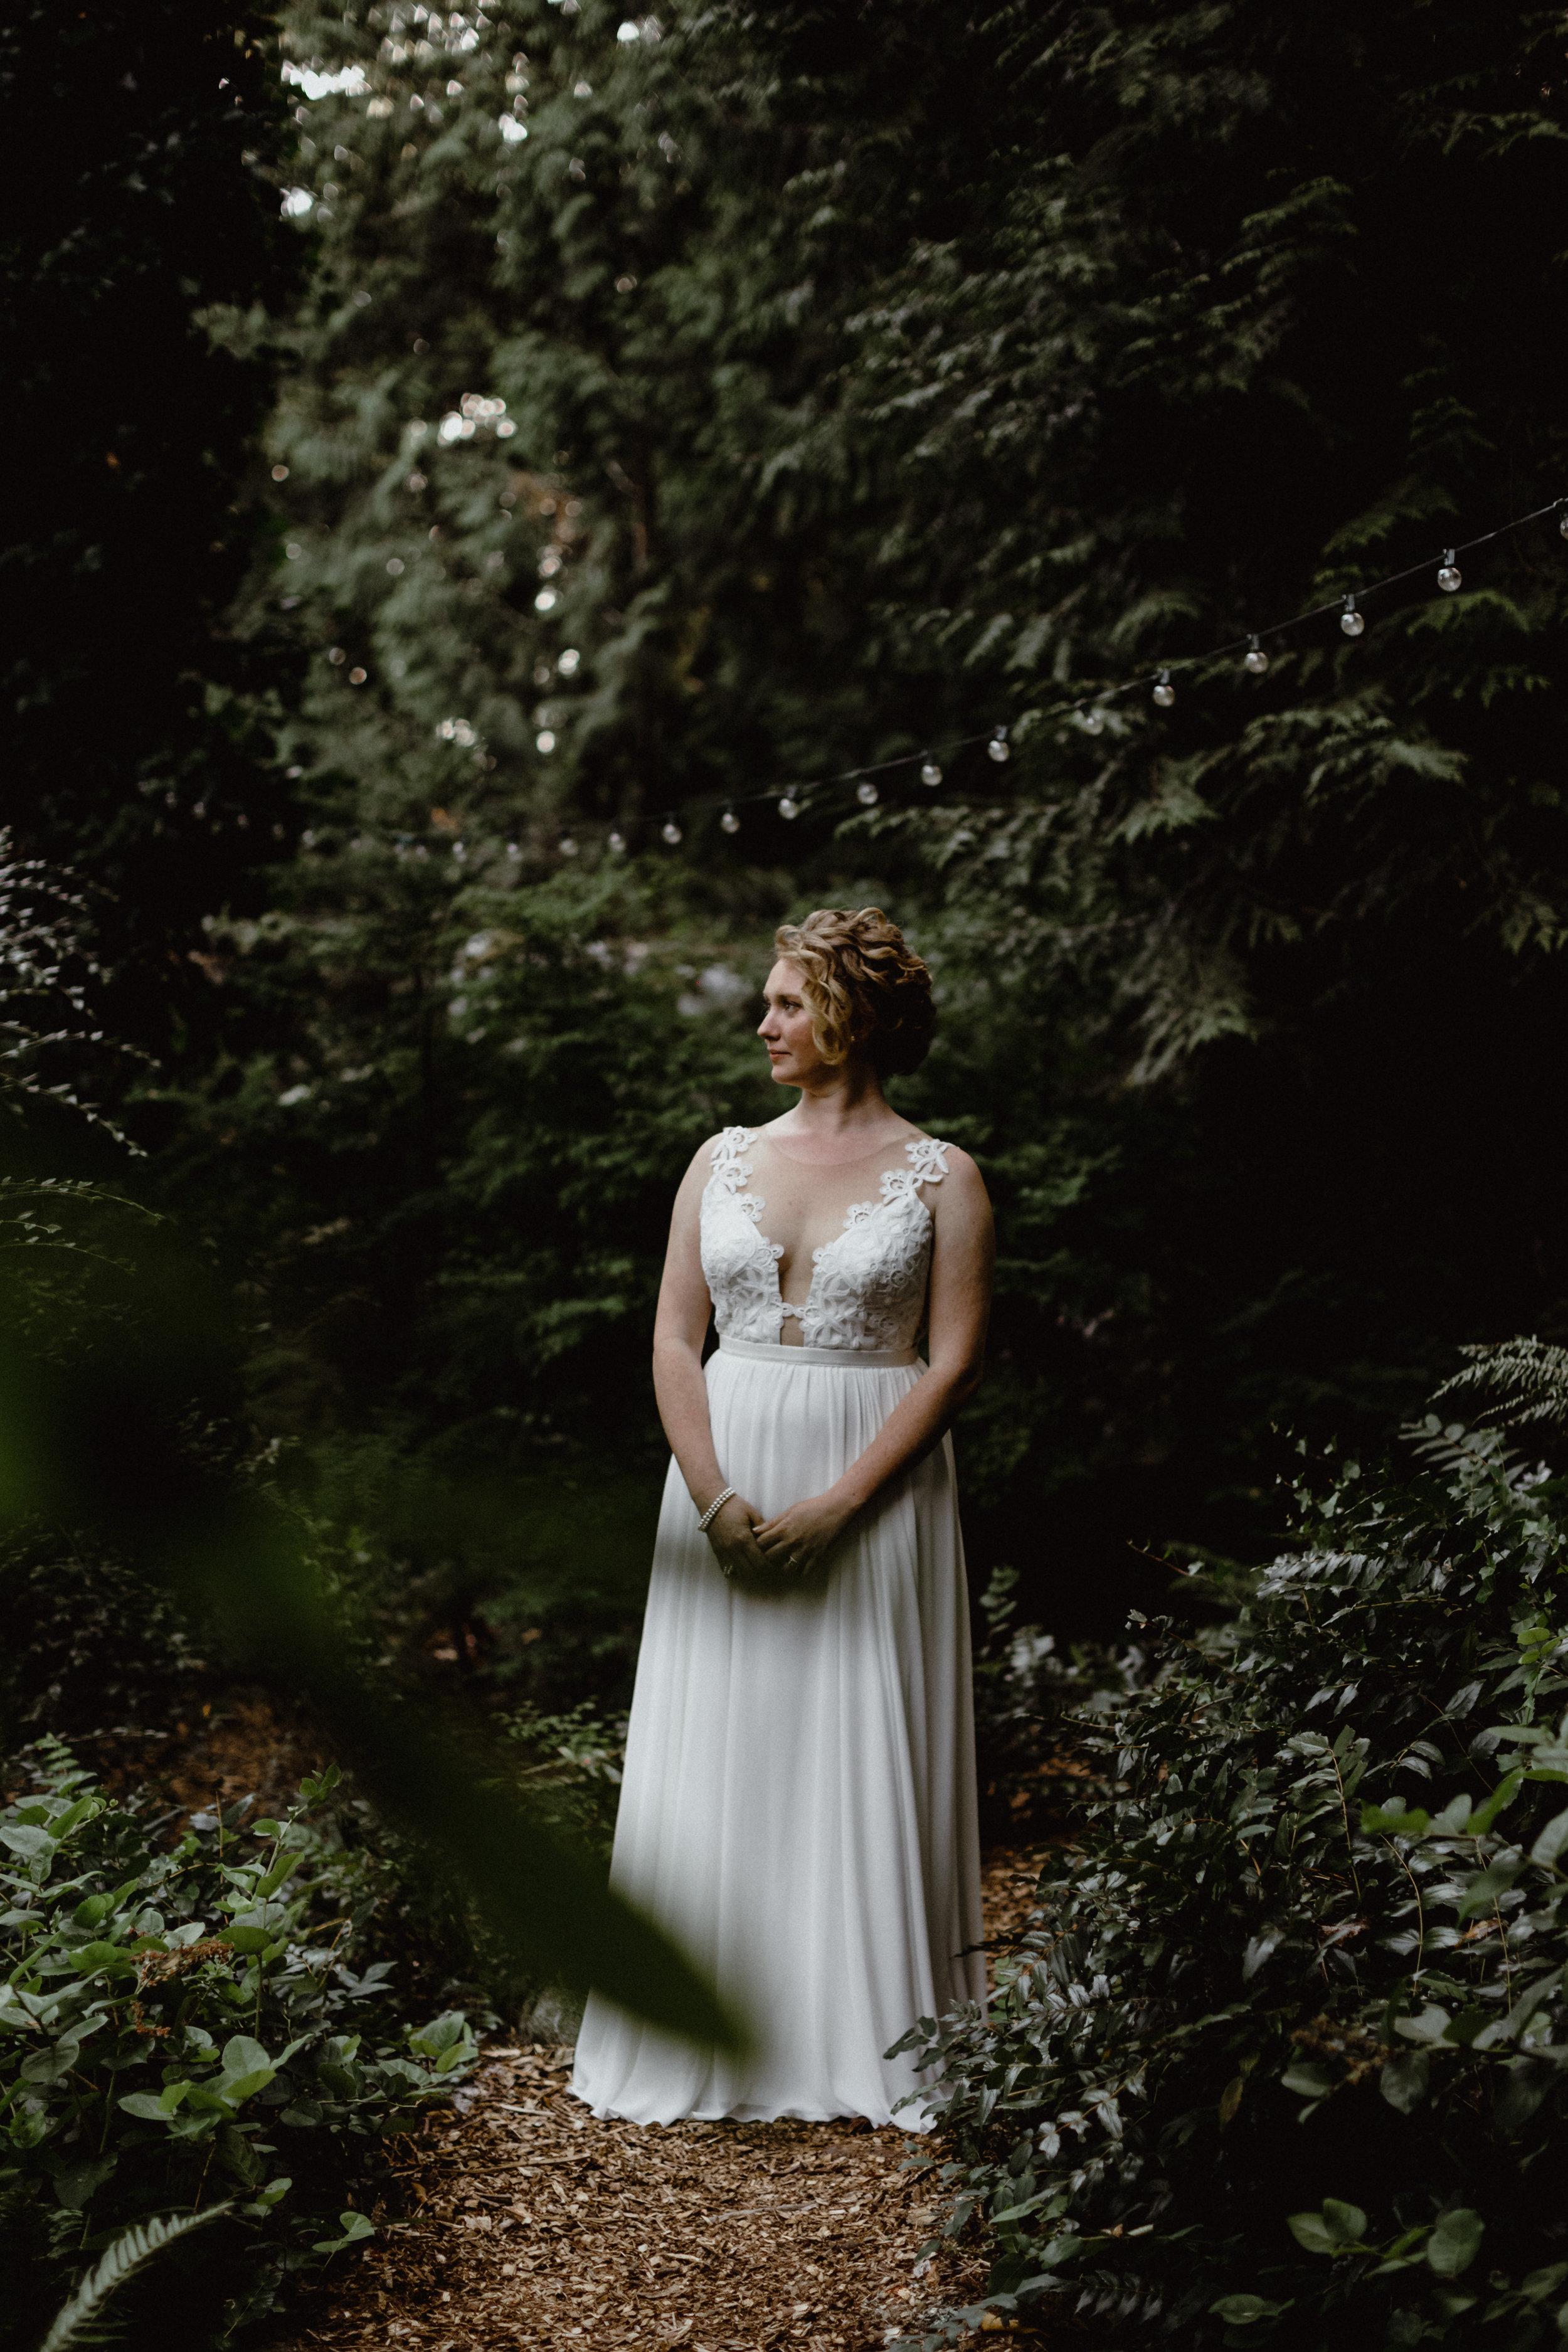 west-vancouver-backyard-wedding-208.jpg